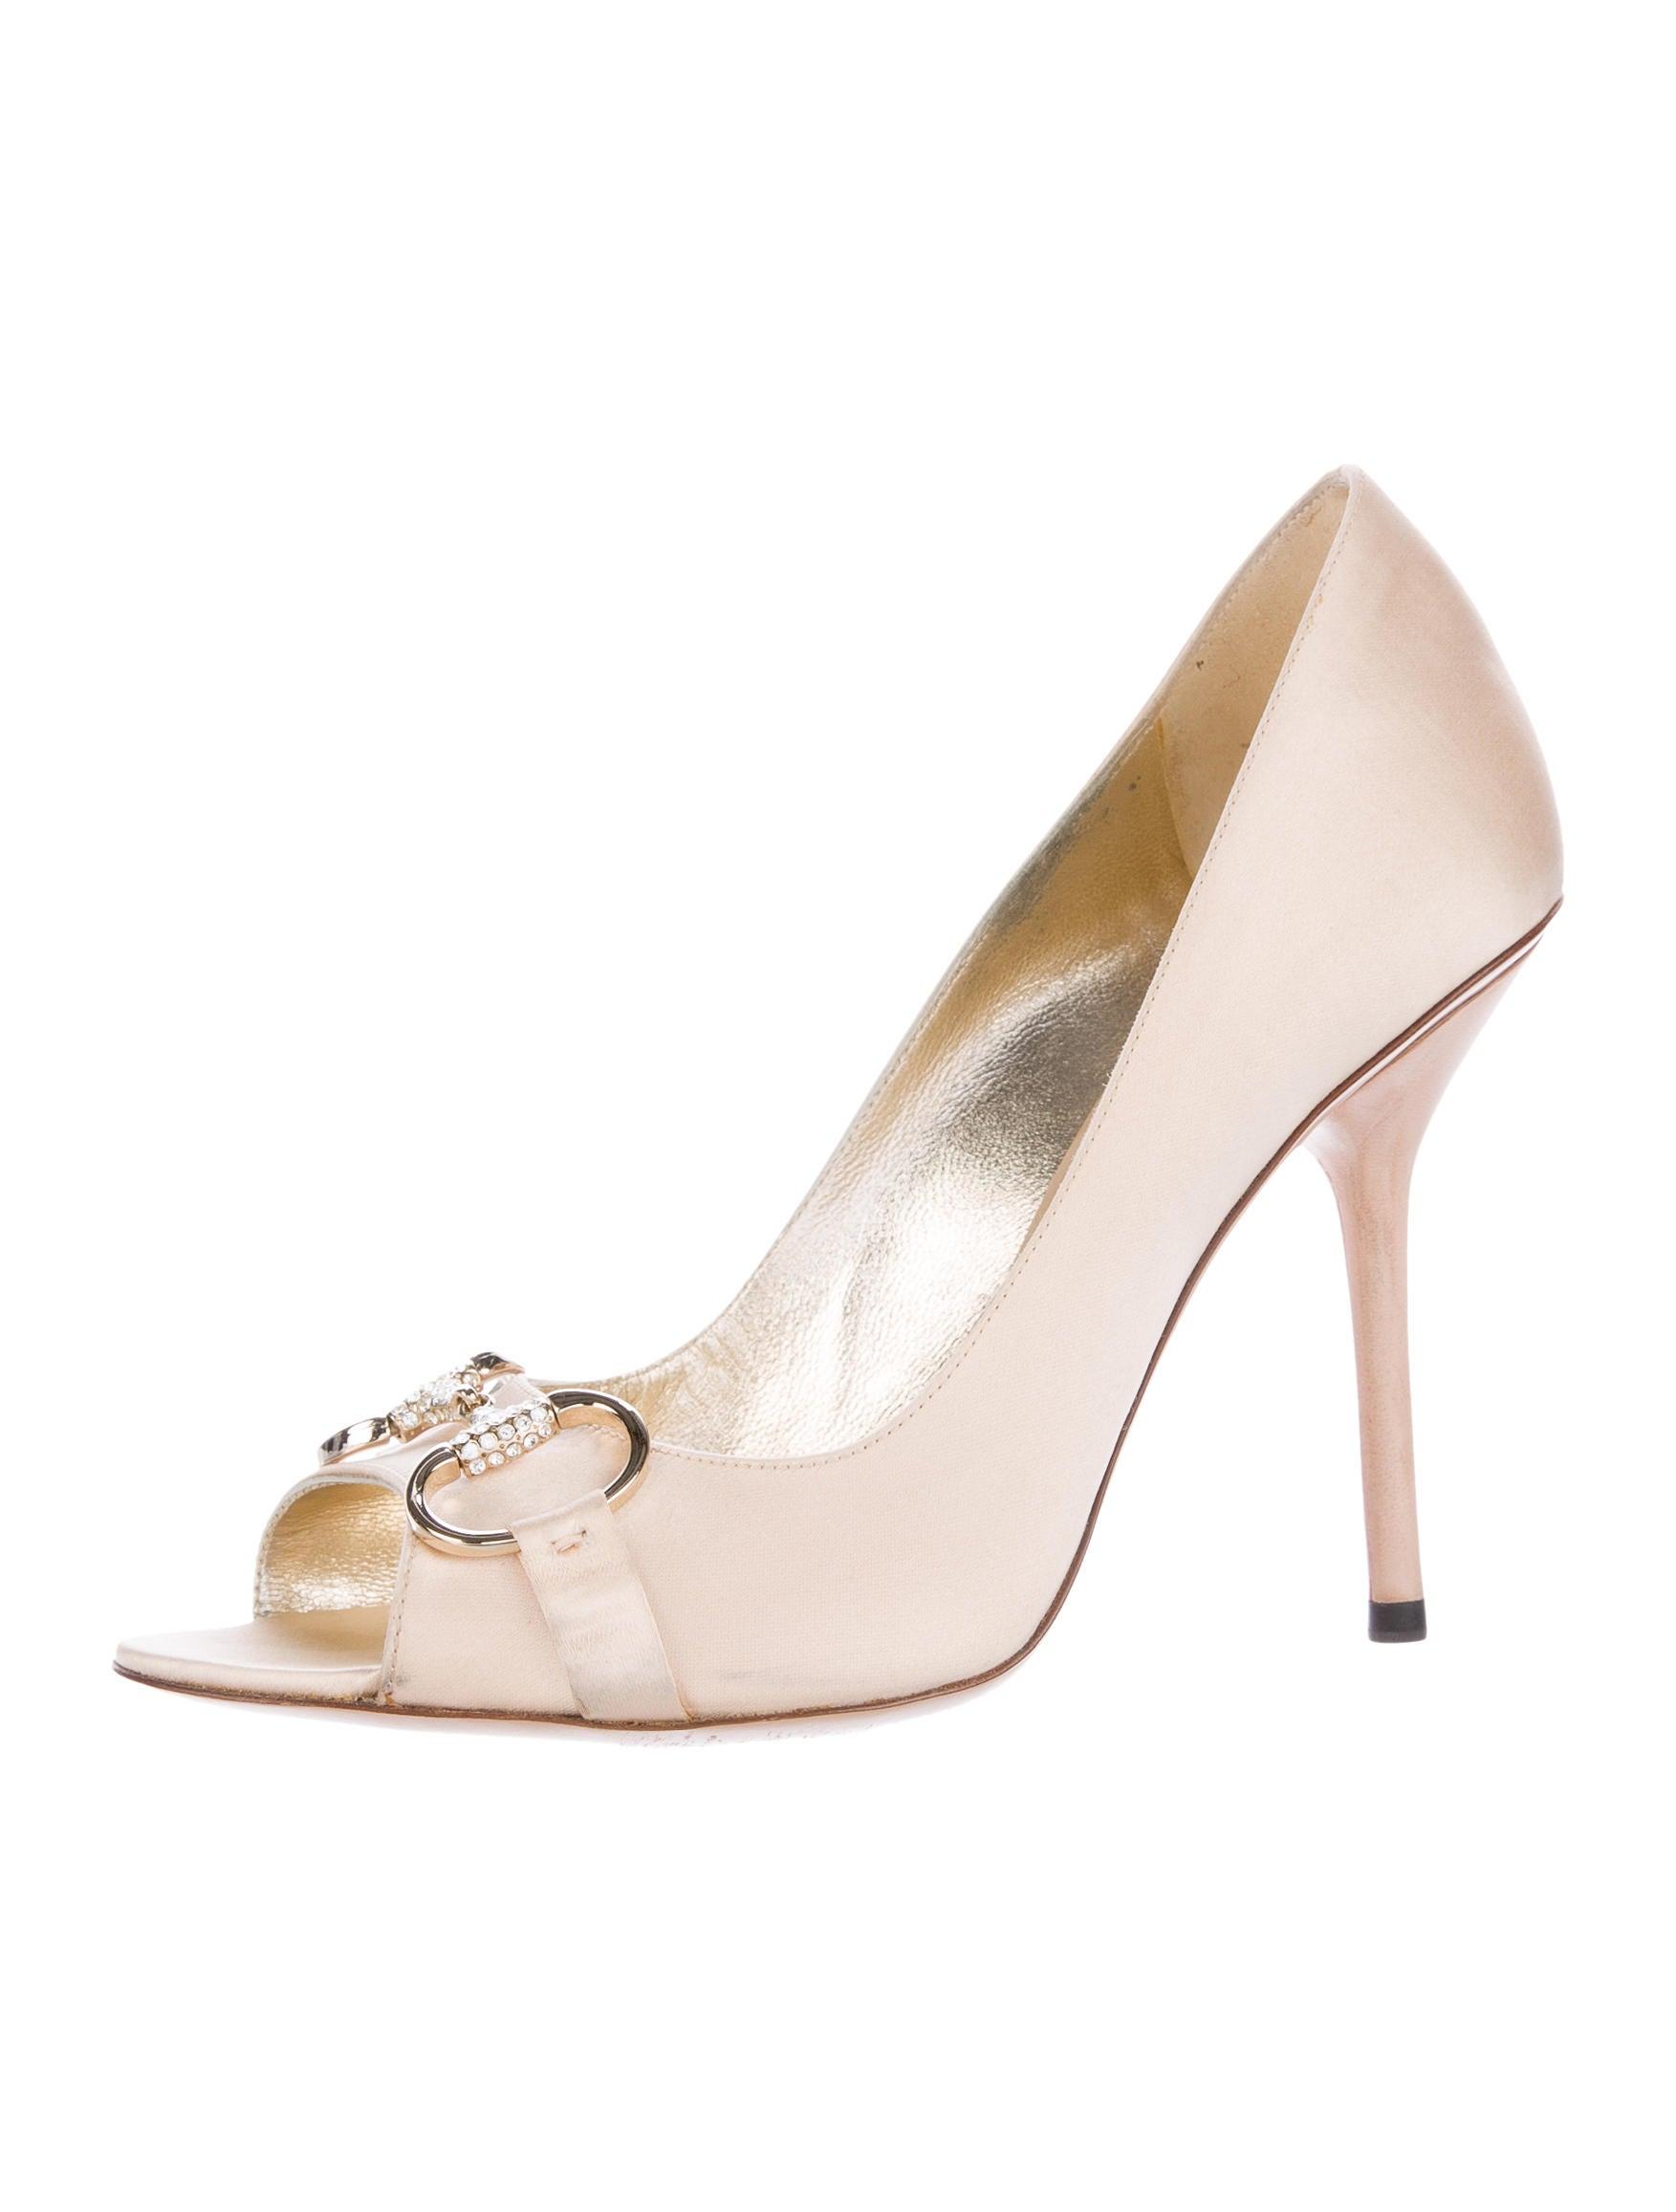 gucci satin horsebit pumps shoes guc134953 the realreal. Black Bedroom Furniture Sets. Home Design Ideas